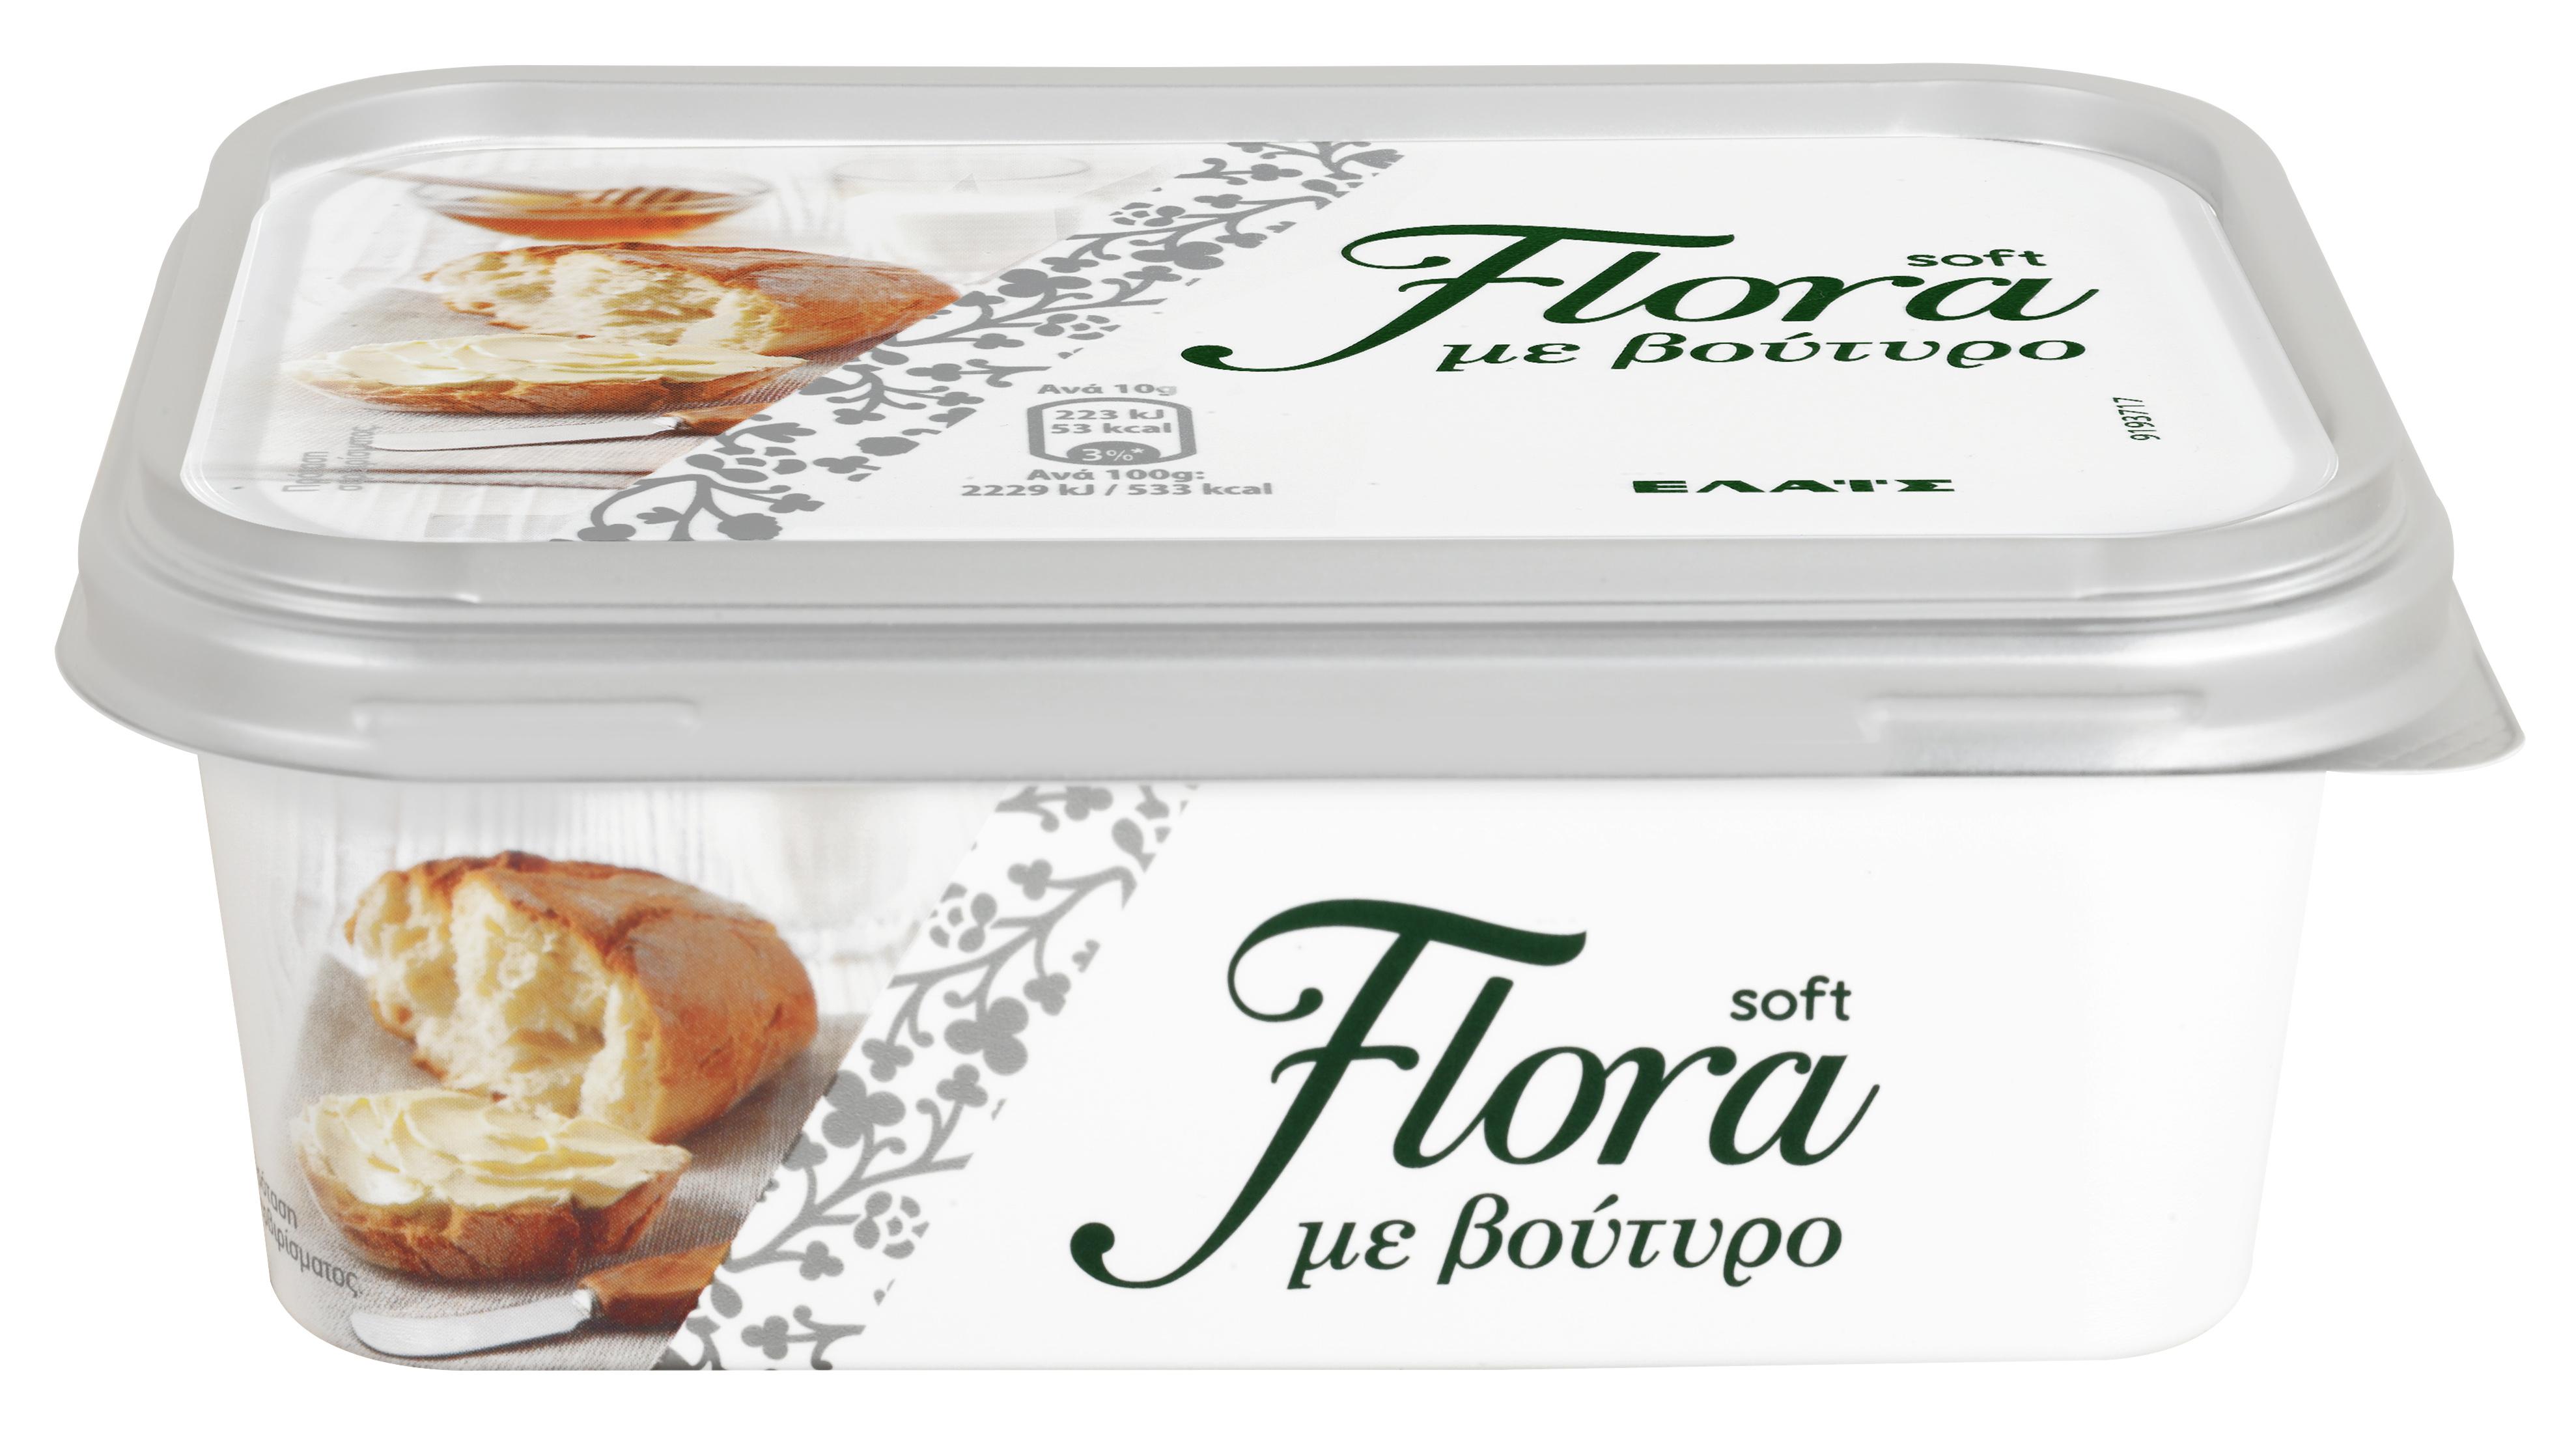 flora soft margarine